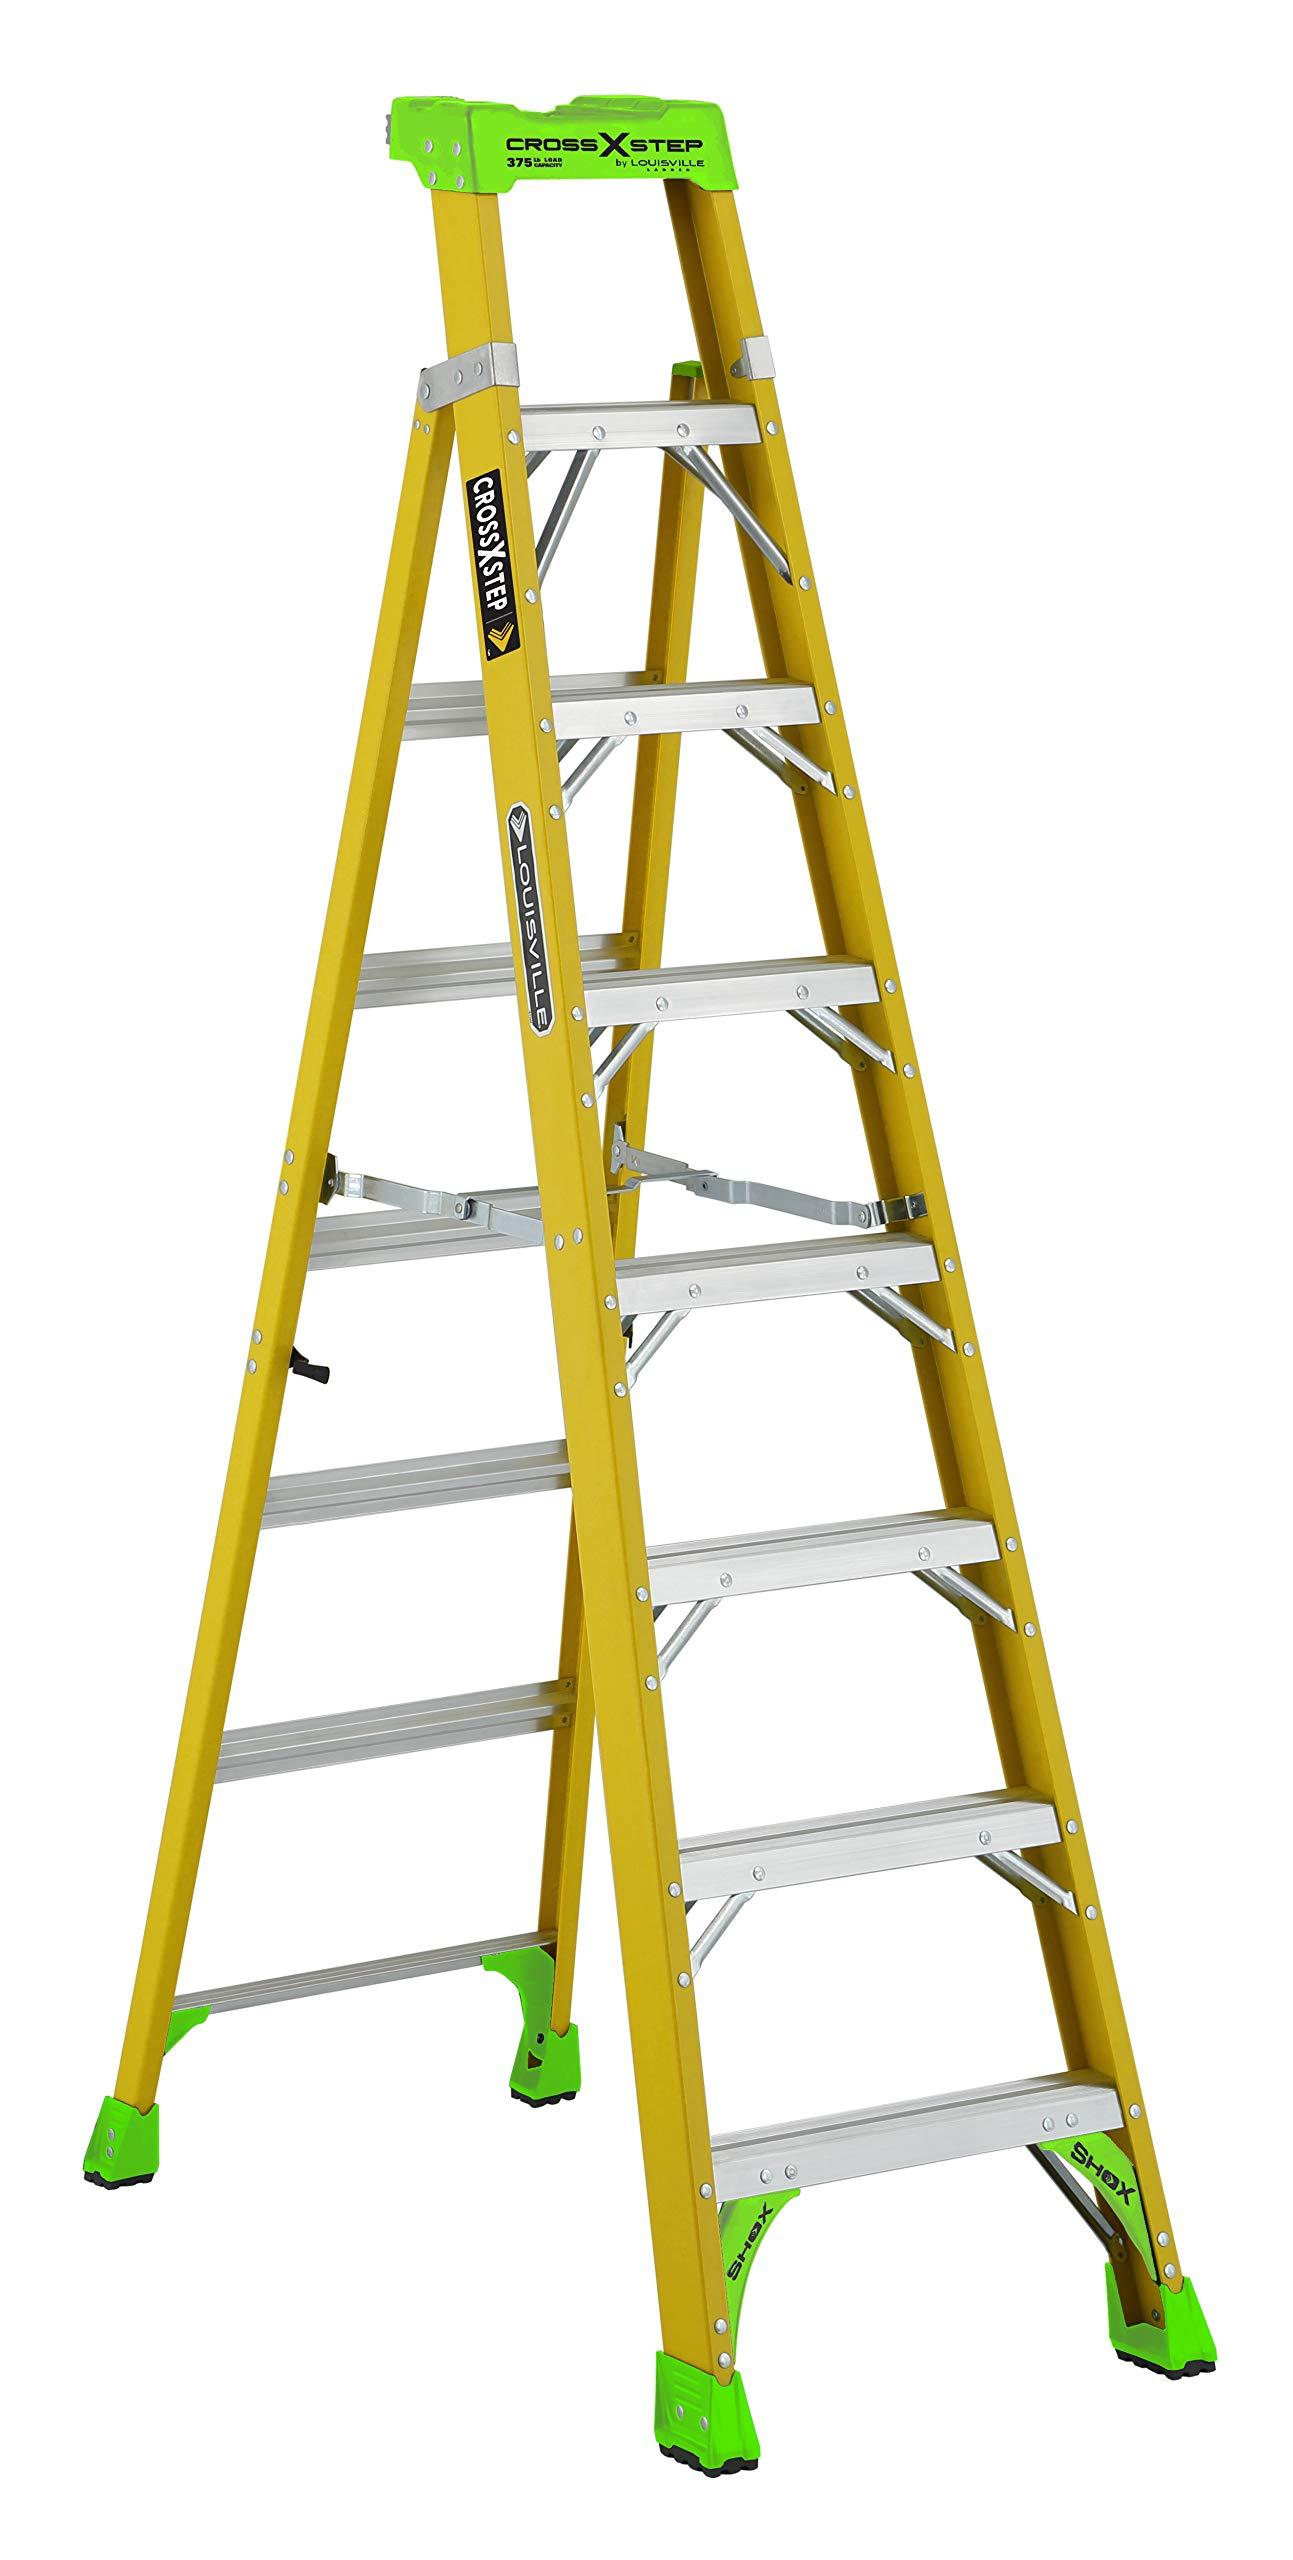 Louisville escalera fibra de vidrio Cruz de 375 LB tipo Academia paso escalera, color amarillo: Amazon.es: Bricolaje y herramientas